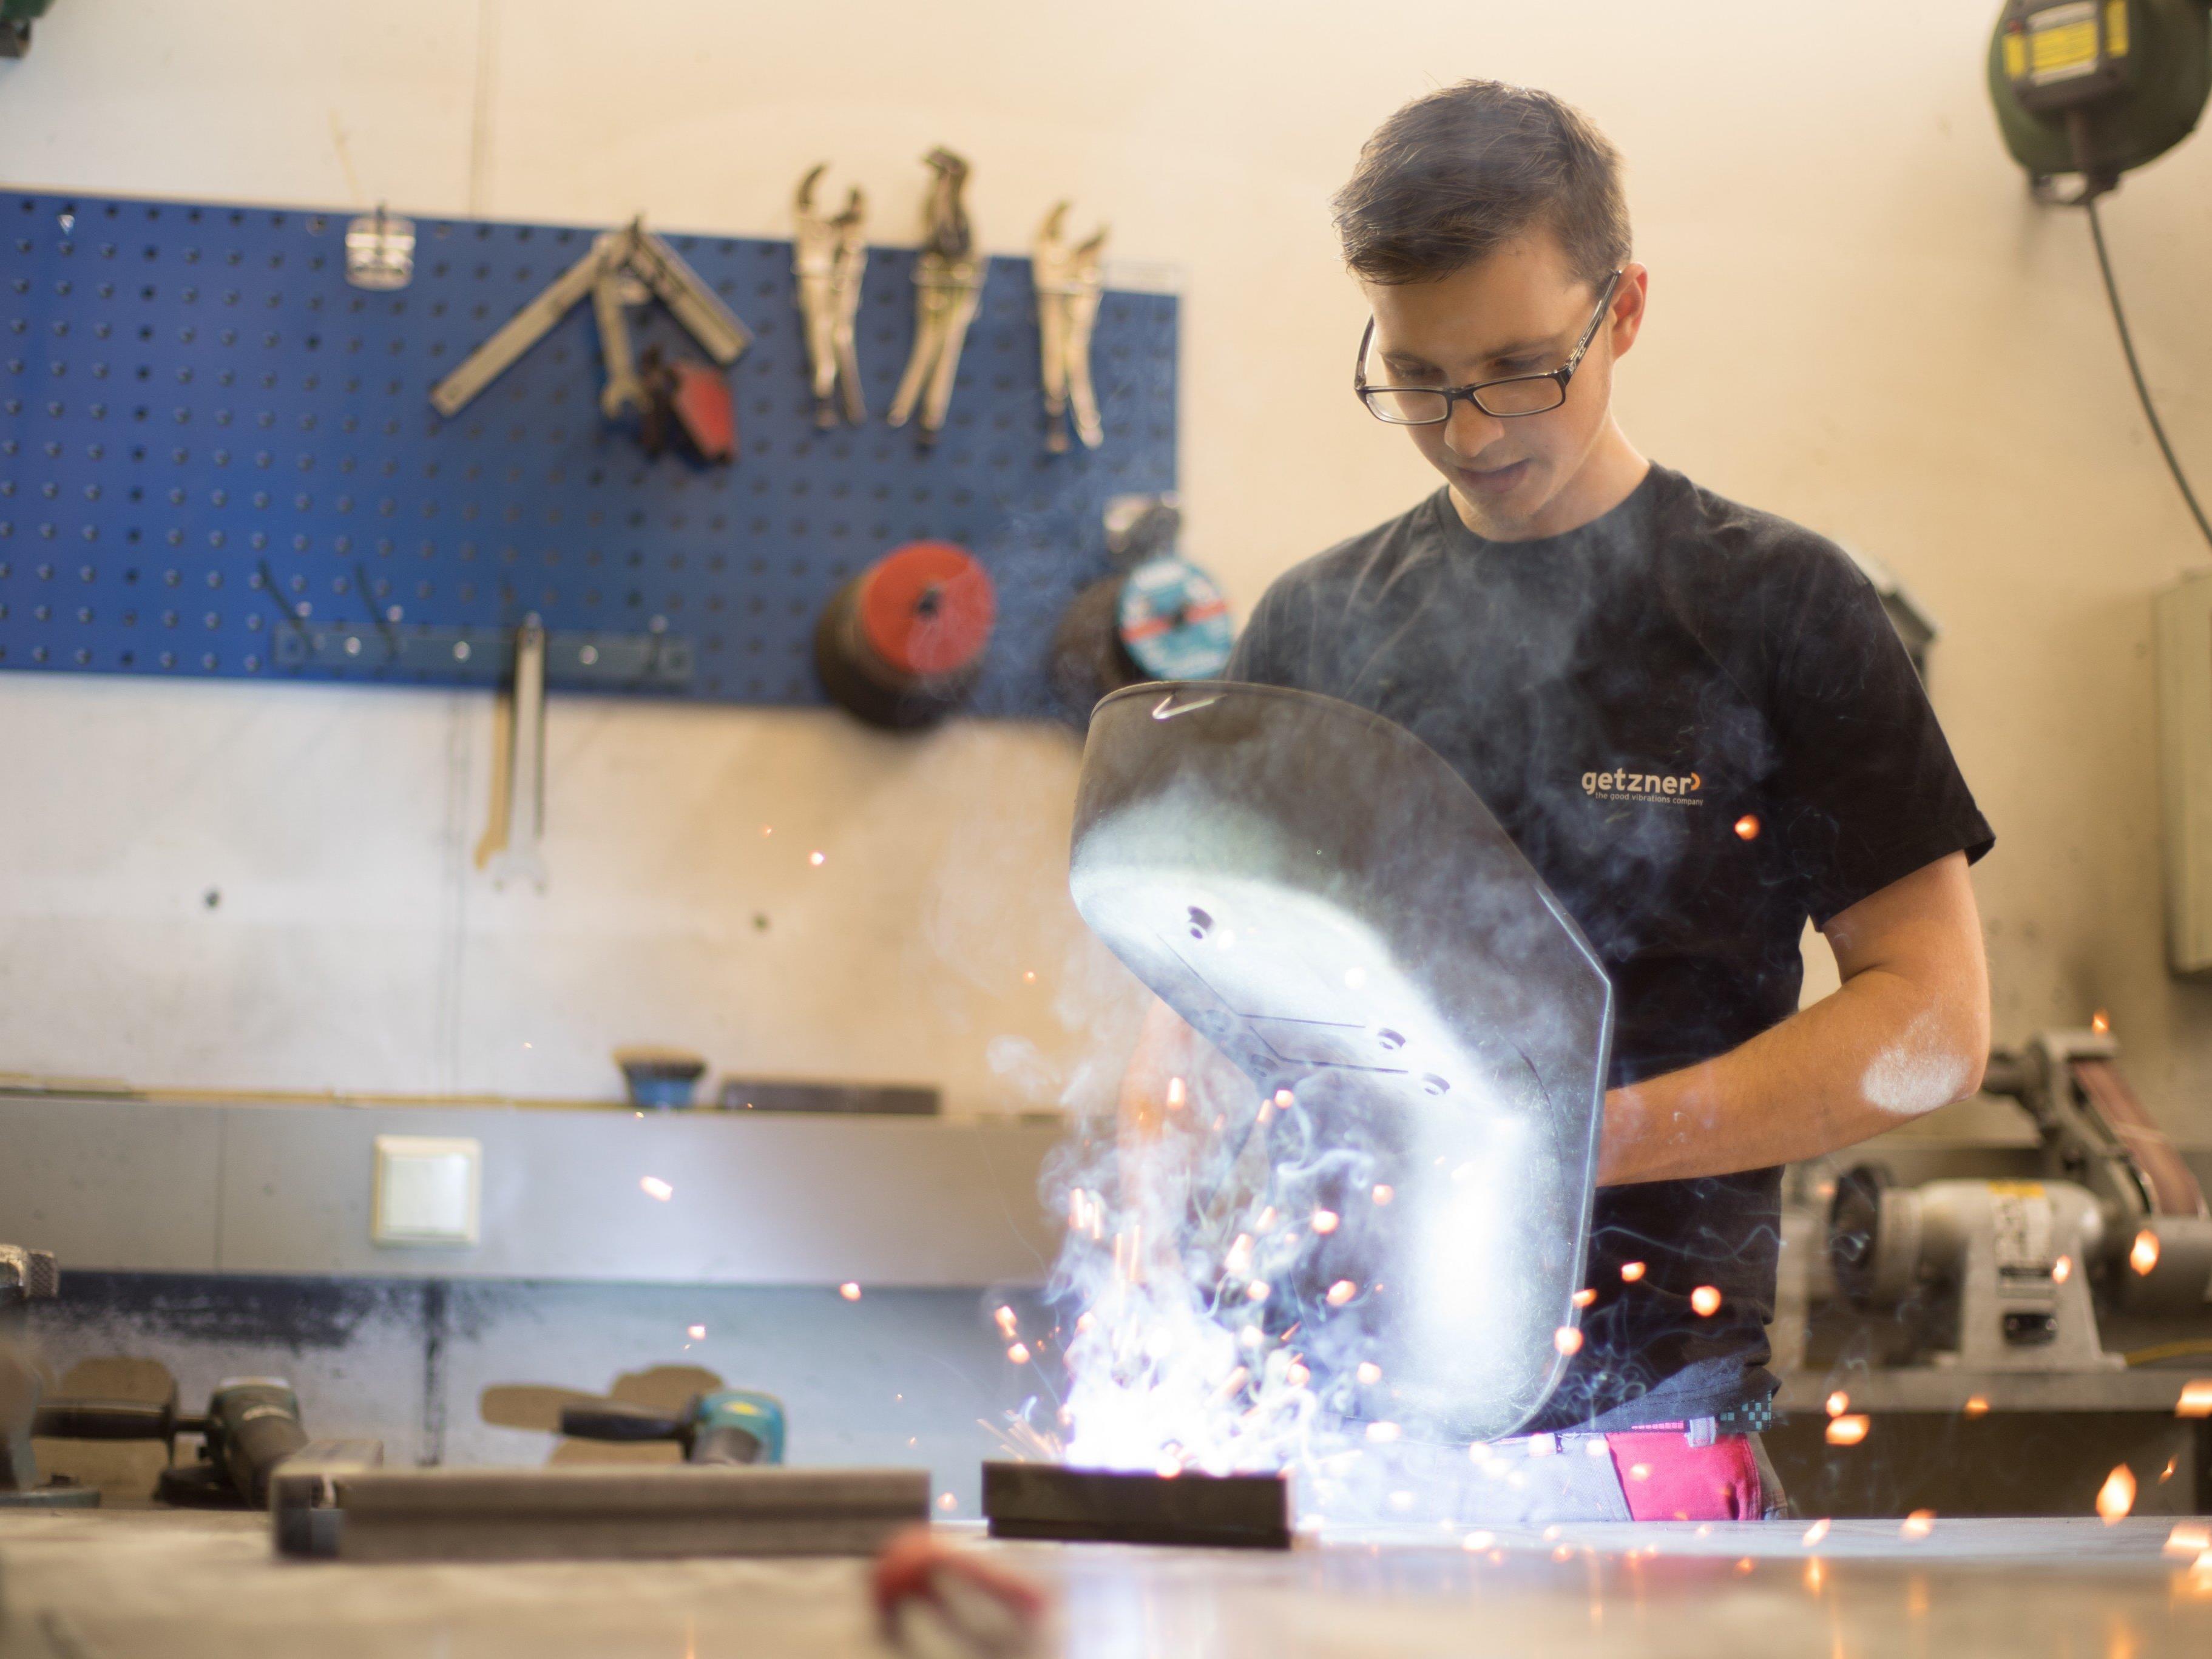 Neue Schweimaschinen für die Landesberfsschule Bregenz 1. Das Land ivestiert in weiter in die Ausbildung von Fachkräften.